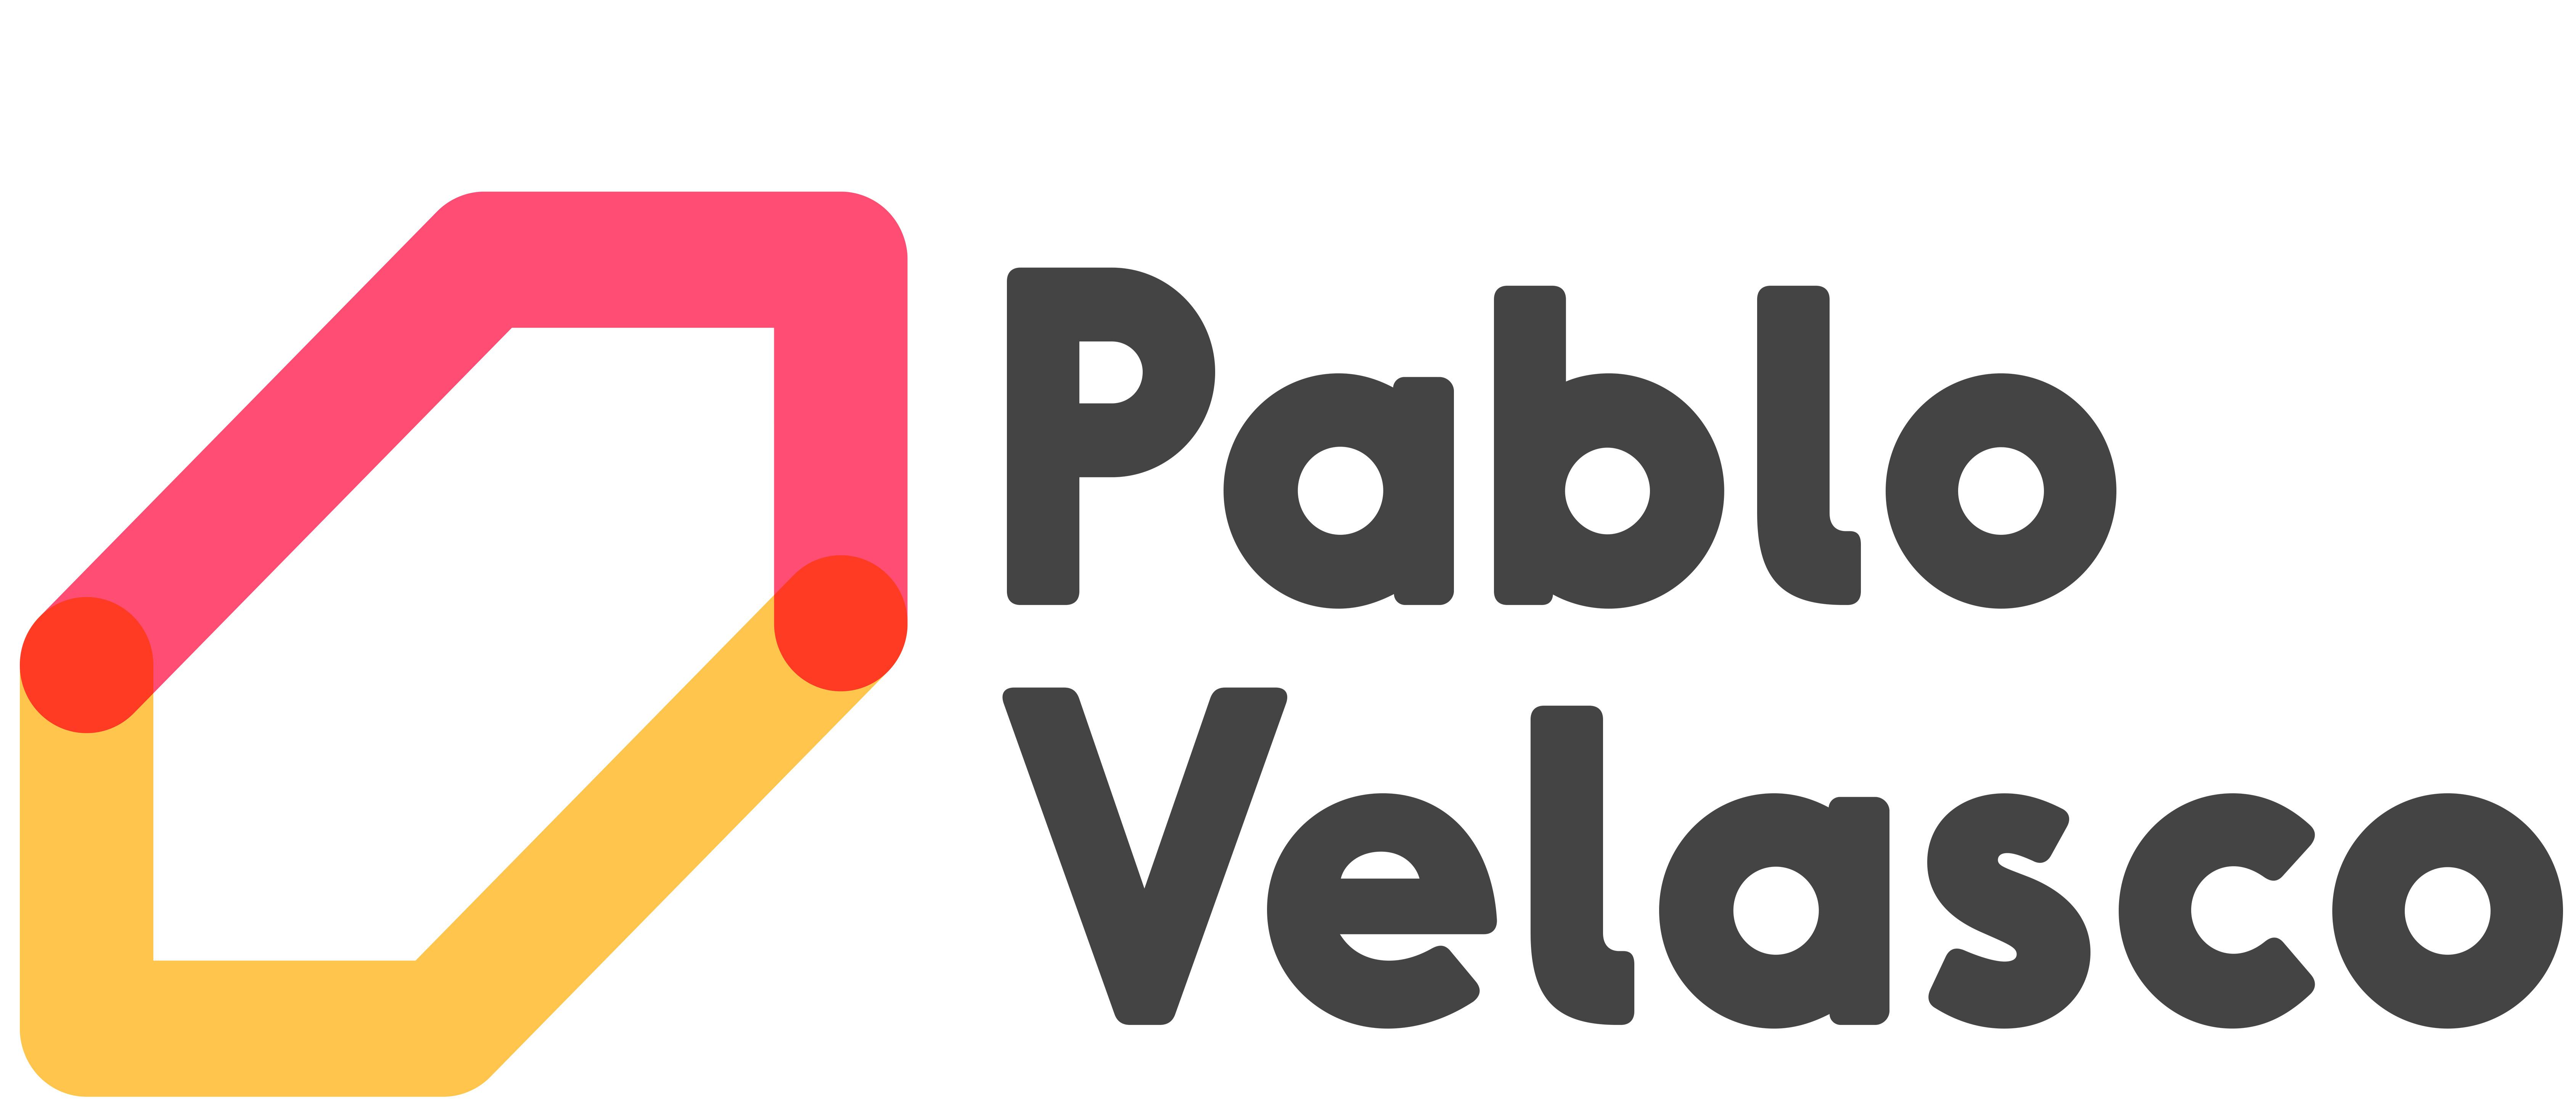 pablovelasco3d.com